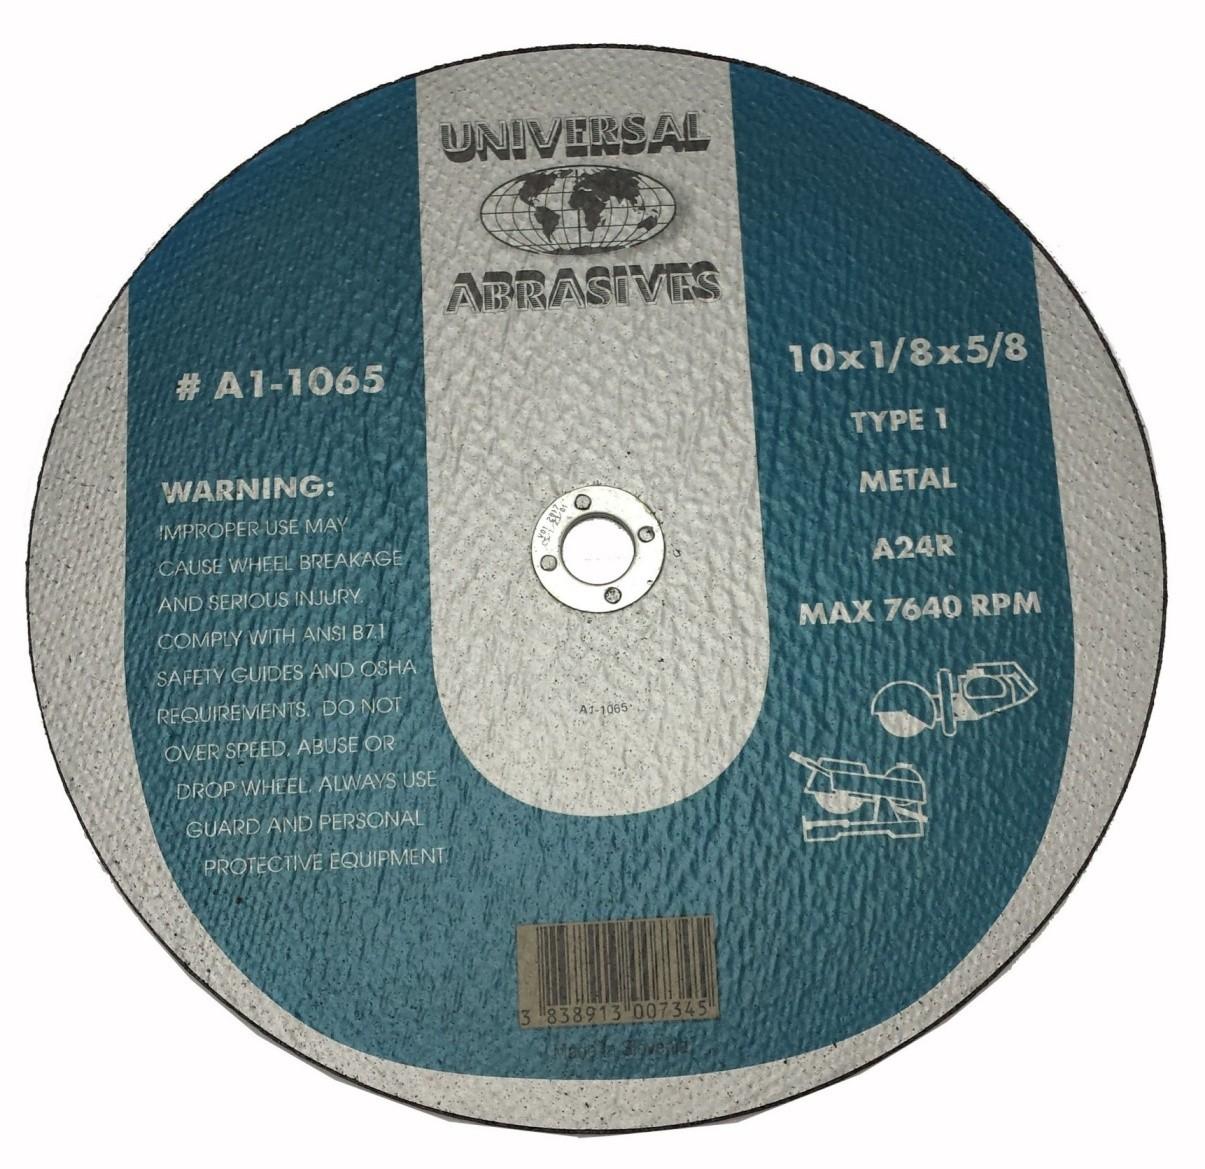 10x1/8x5/8 A24R Metal Cut-Off Type-1